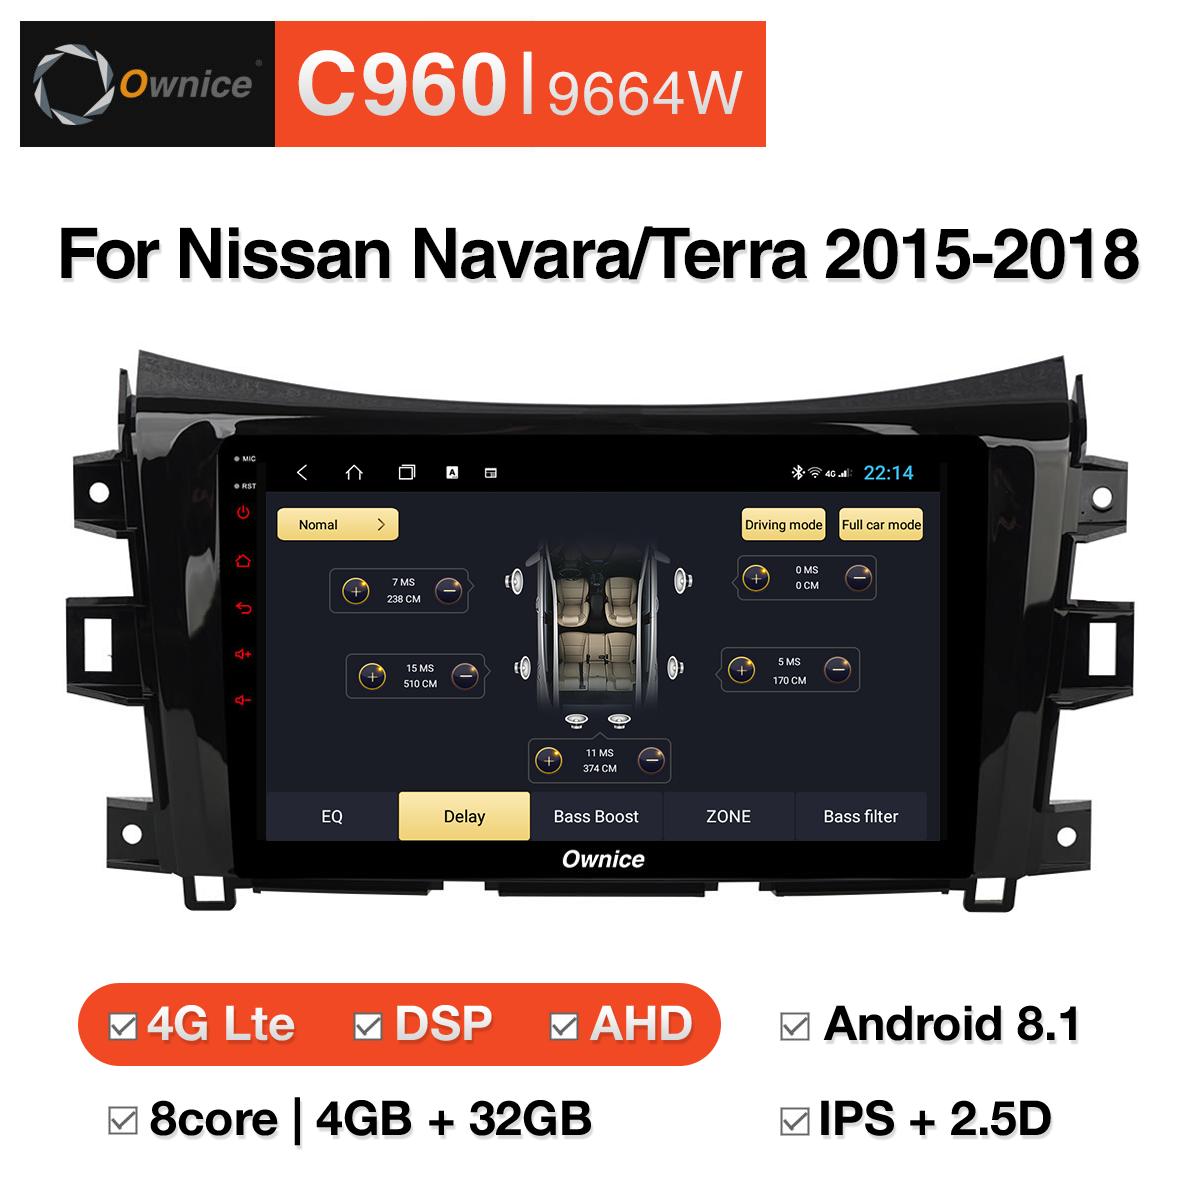 Đầu DVD android Ownice C960 cho xe ô tô Nissan Navara/Terra 2015-2018:: OL-9664W